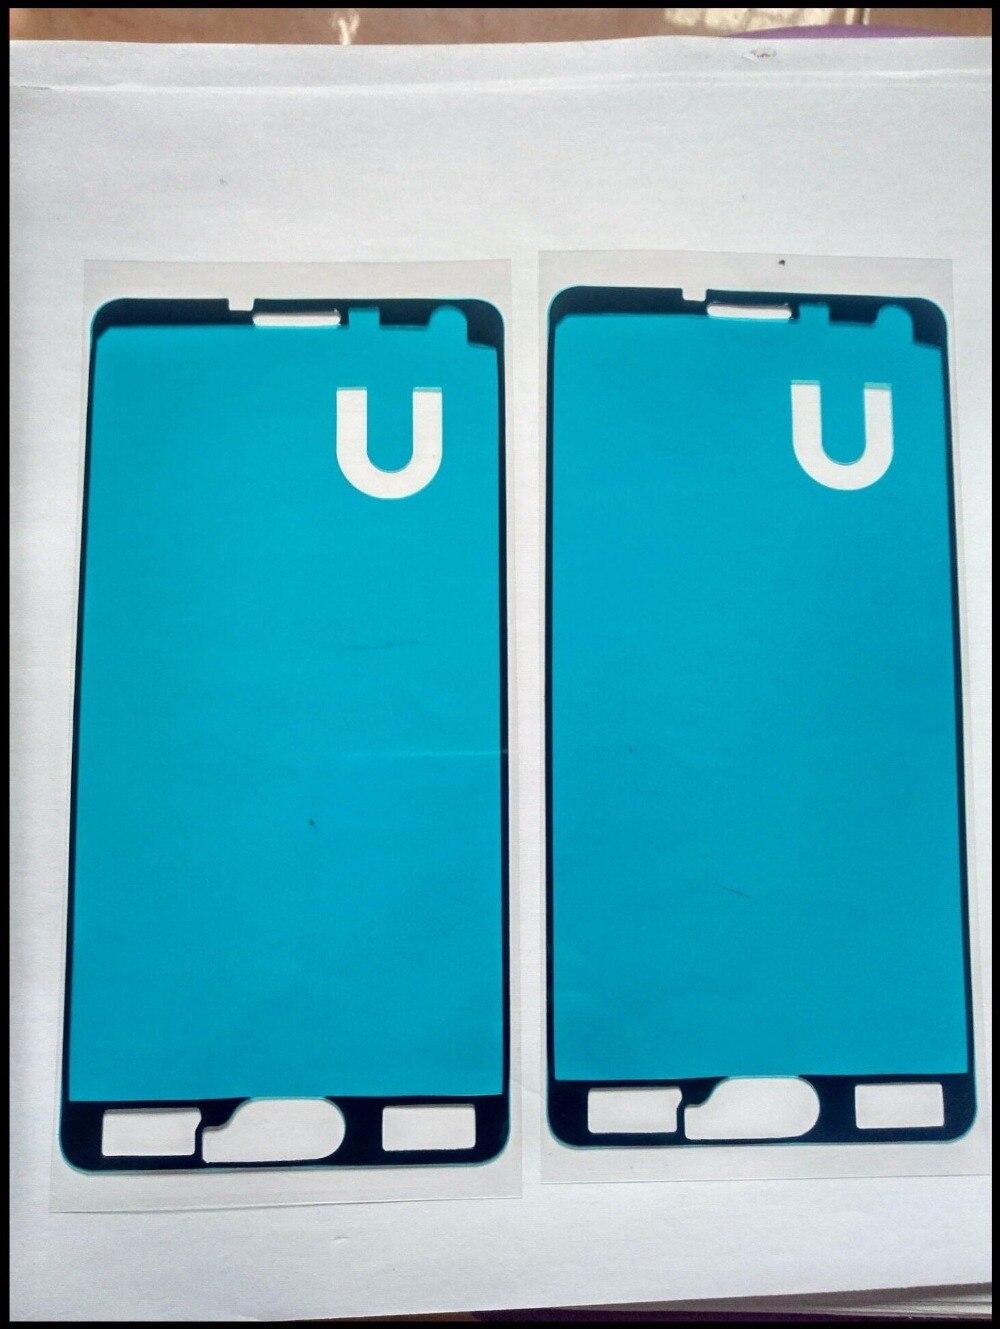 1 Stück Hohe Qualität Neue LCD Vordere Gehäuse Lünette Frame Kleber Tap Aufkleber Für Samsung Galaxy A7 A7000 Ersatz teile